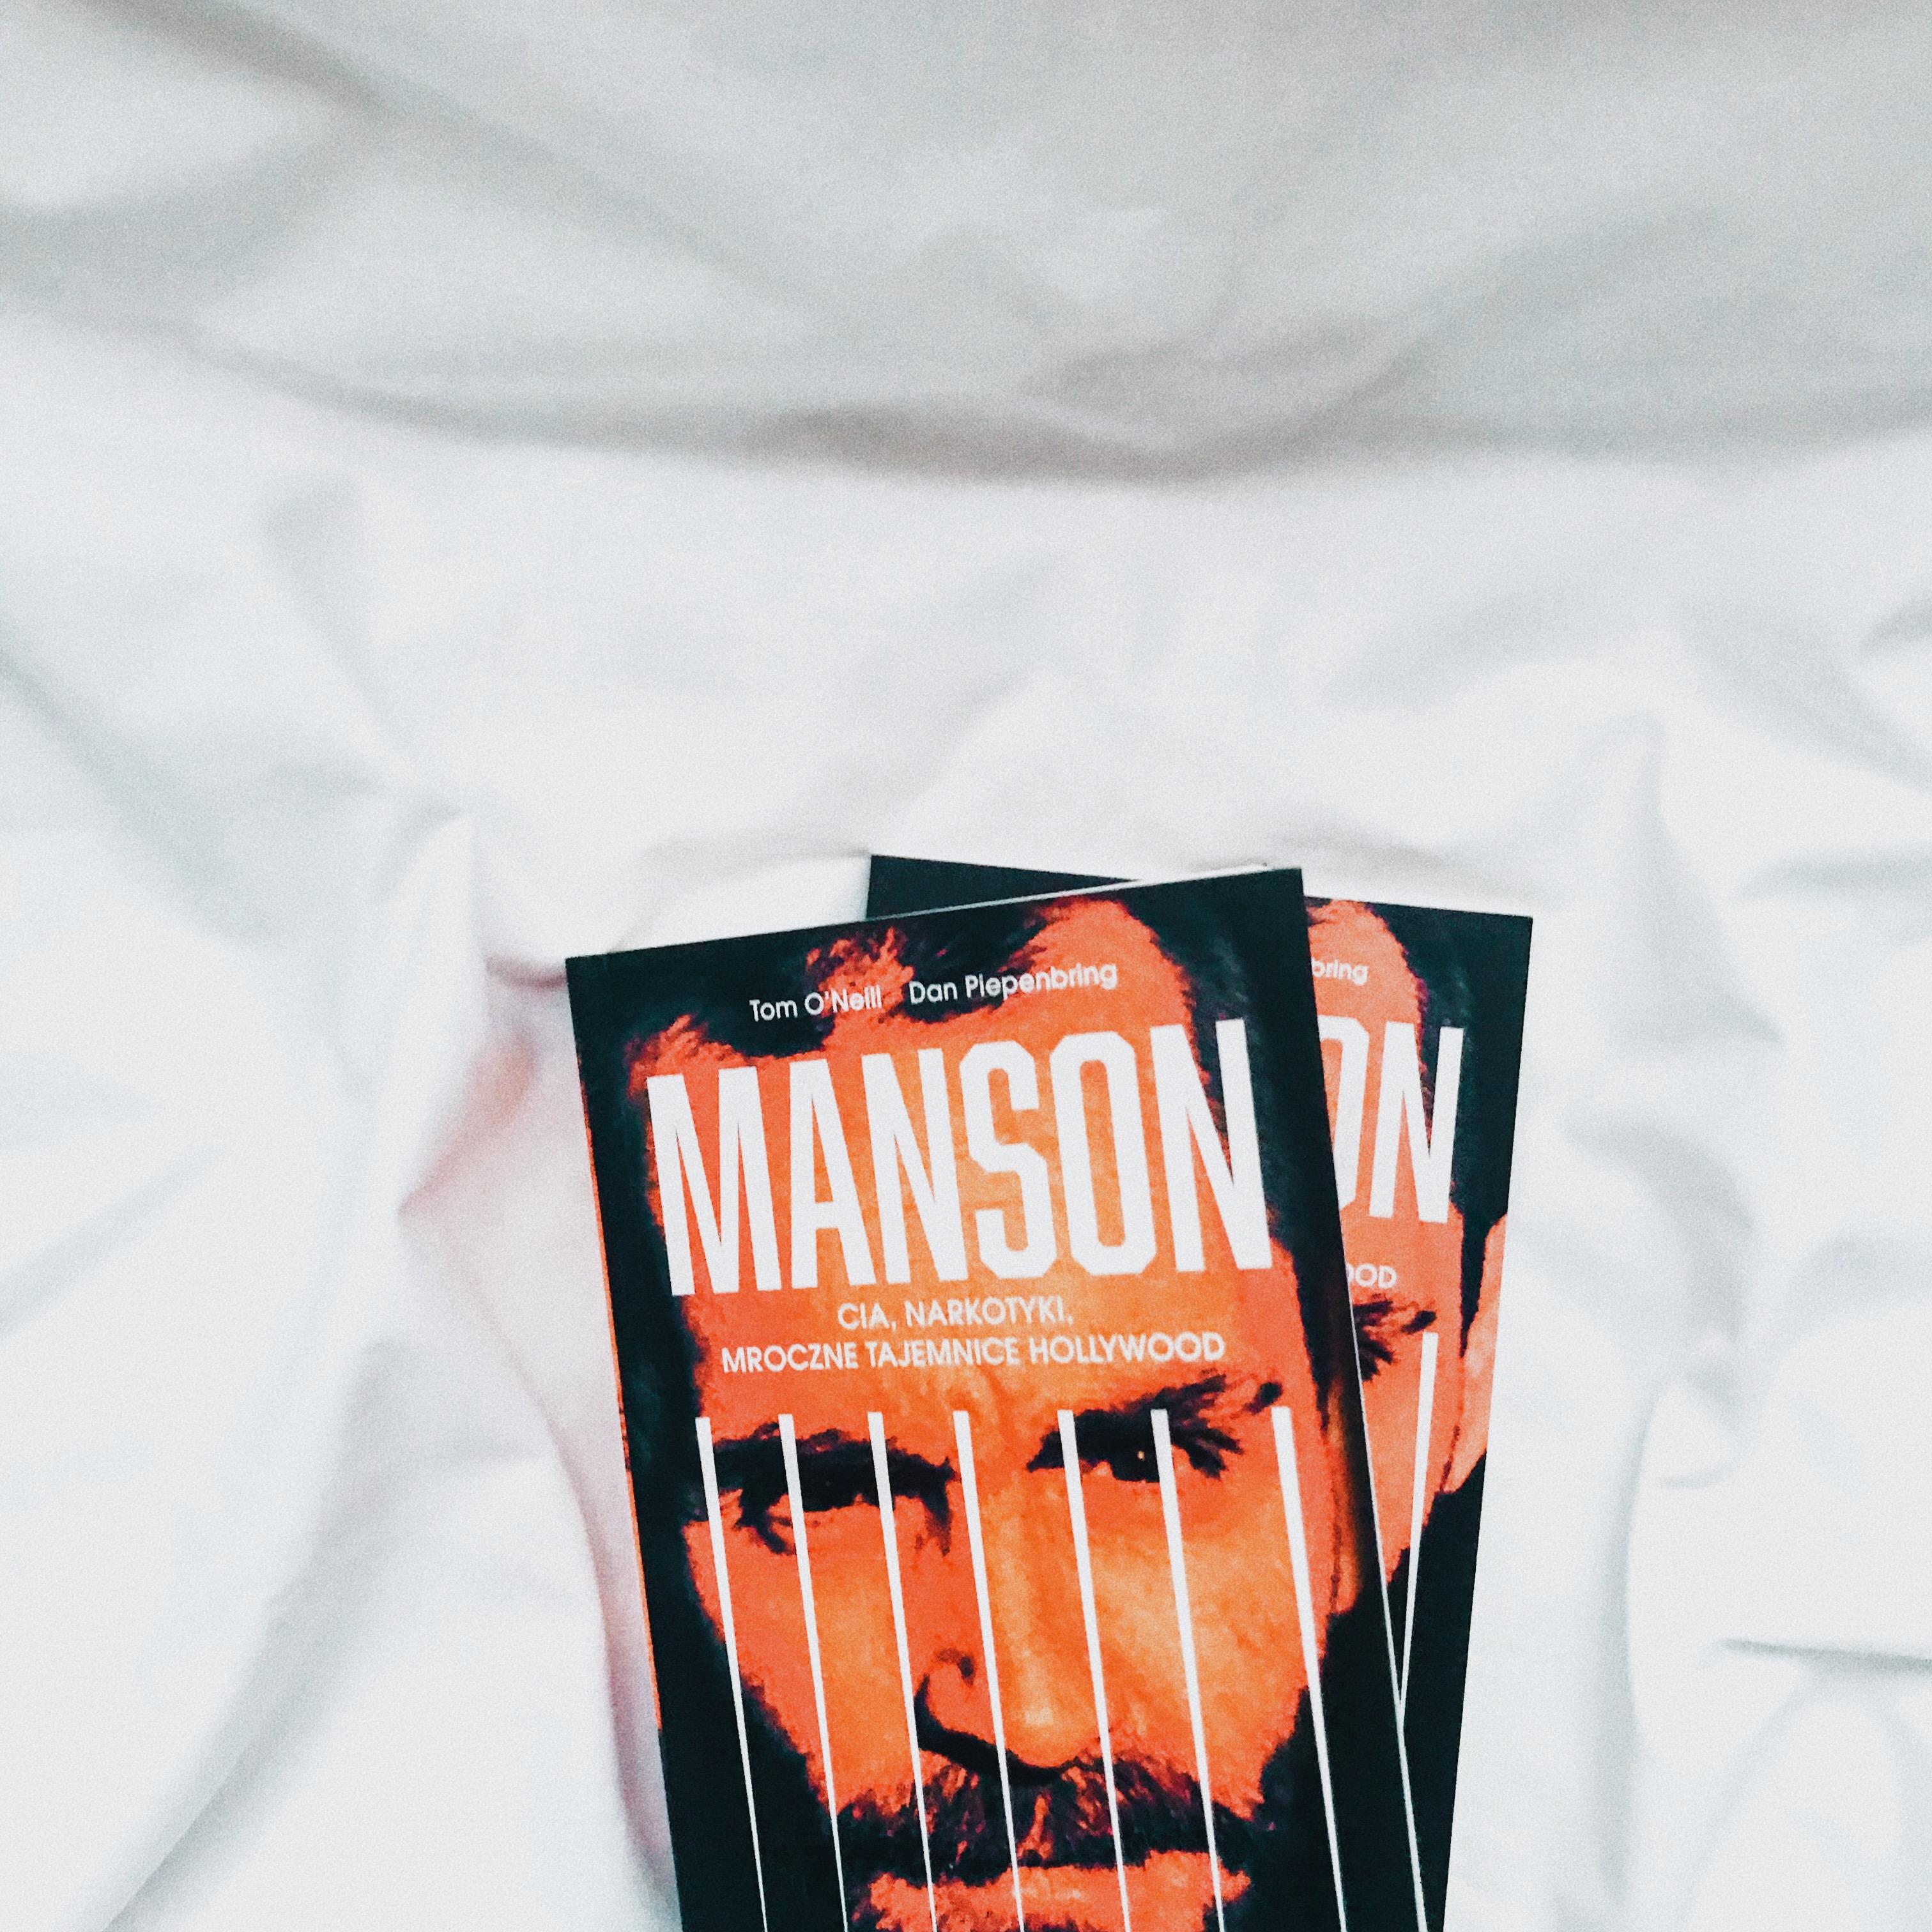 manson-cia-narkotyki-mroczne-tajemnice-hollywood-tom-oneil-dan-piepenbring